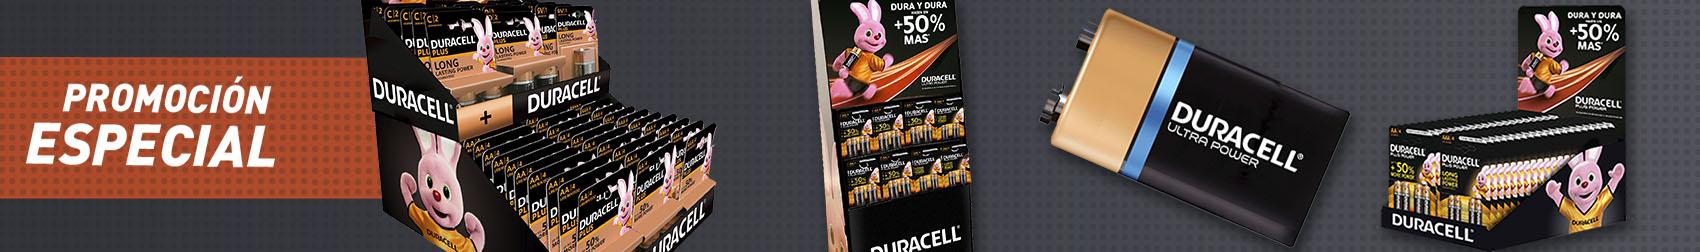 Oferta especial Duracell